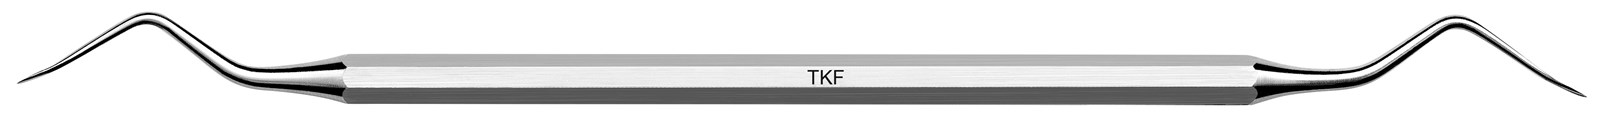 Nůž pro tunelovou techniku - TKF, ADEP šedý